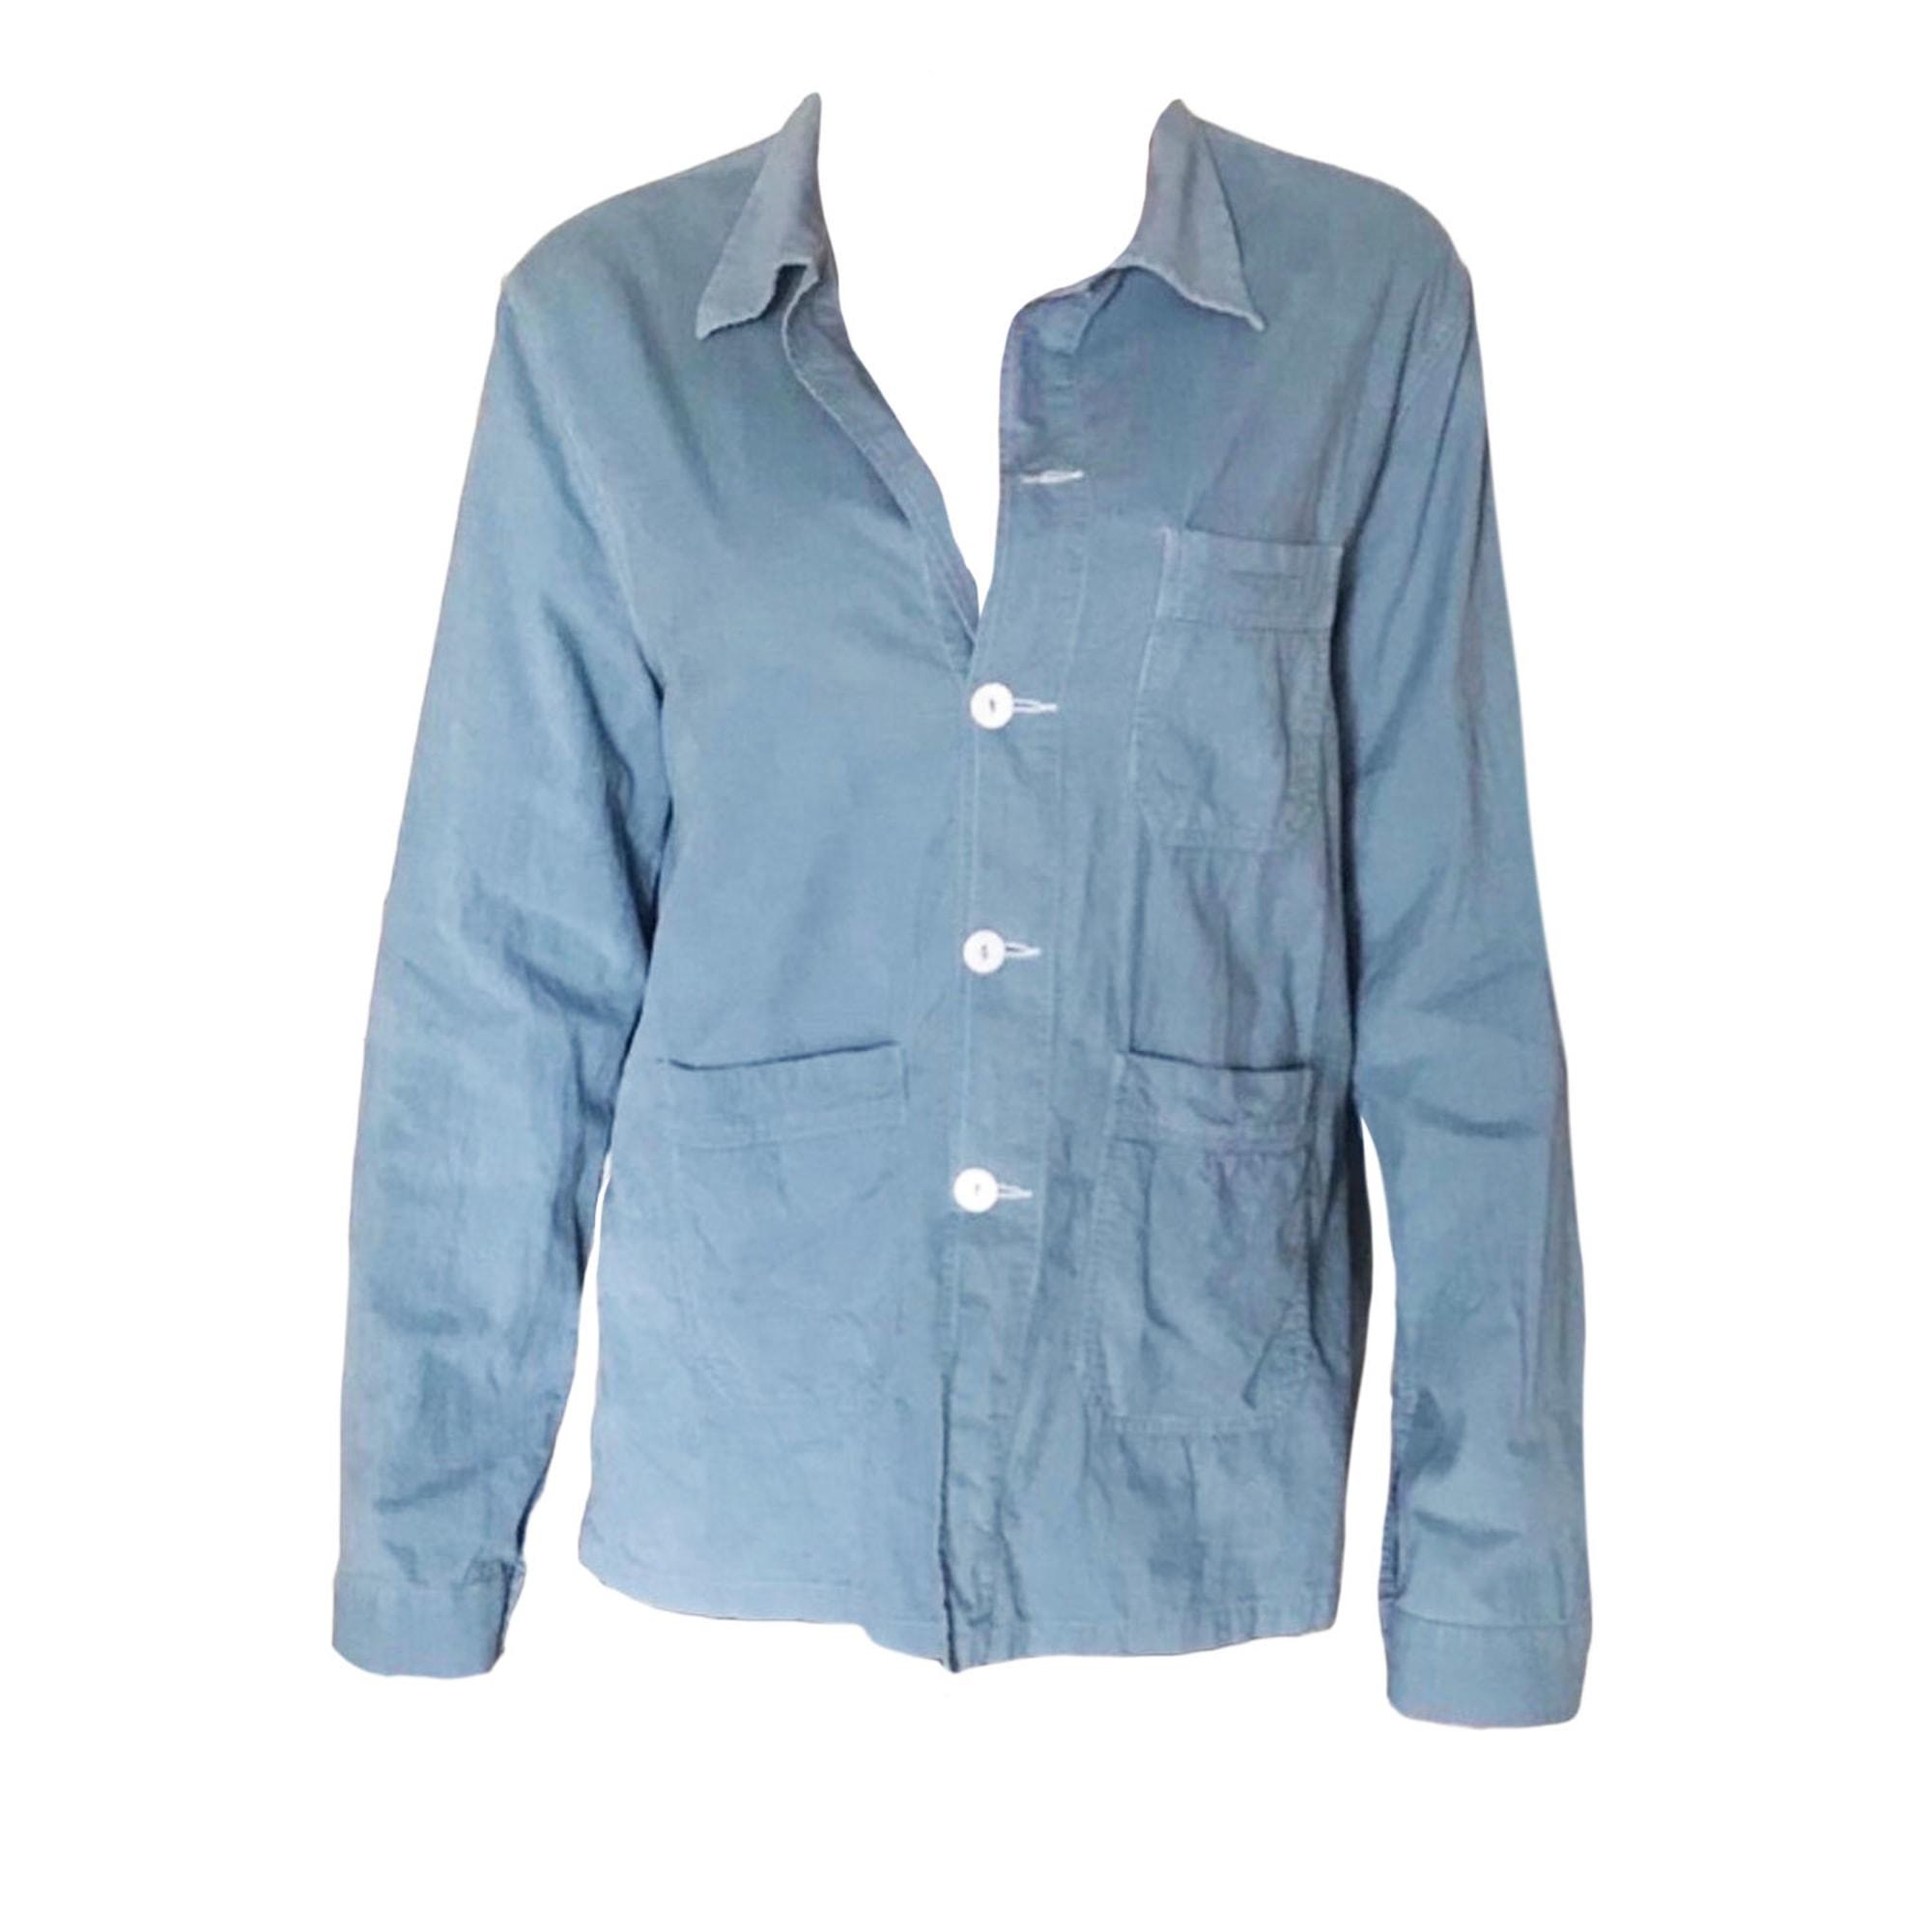 Chemise INÈS DE LA FRESSANGE Bleu, bleu marine, bleu turquoise